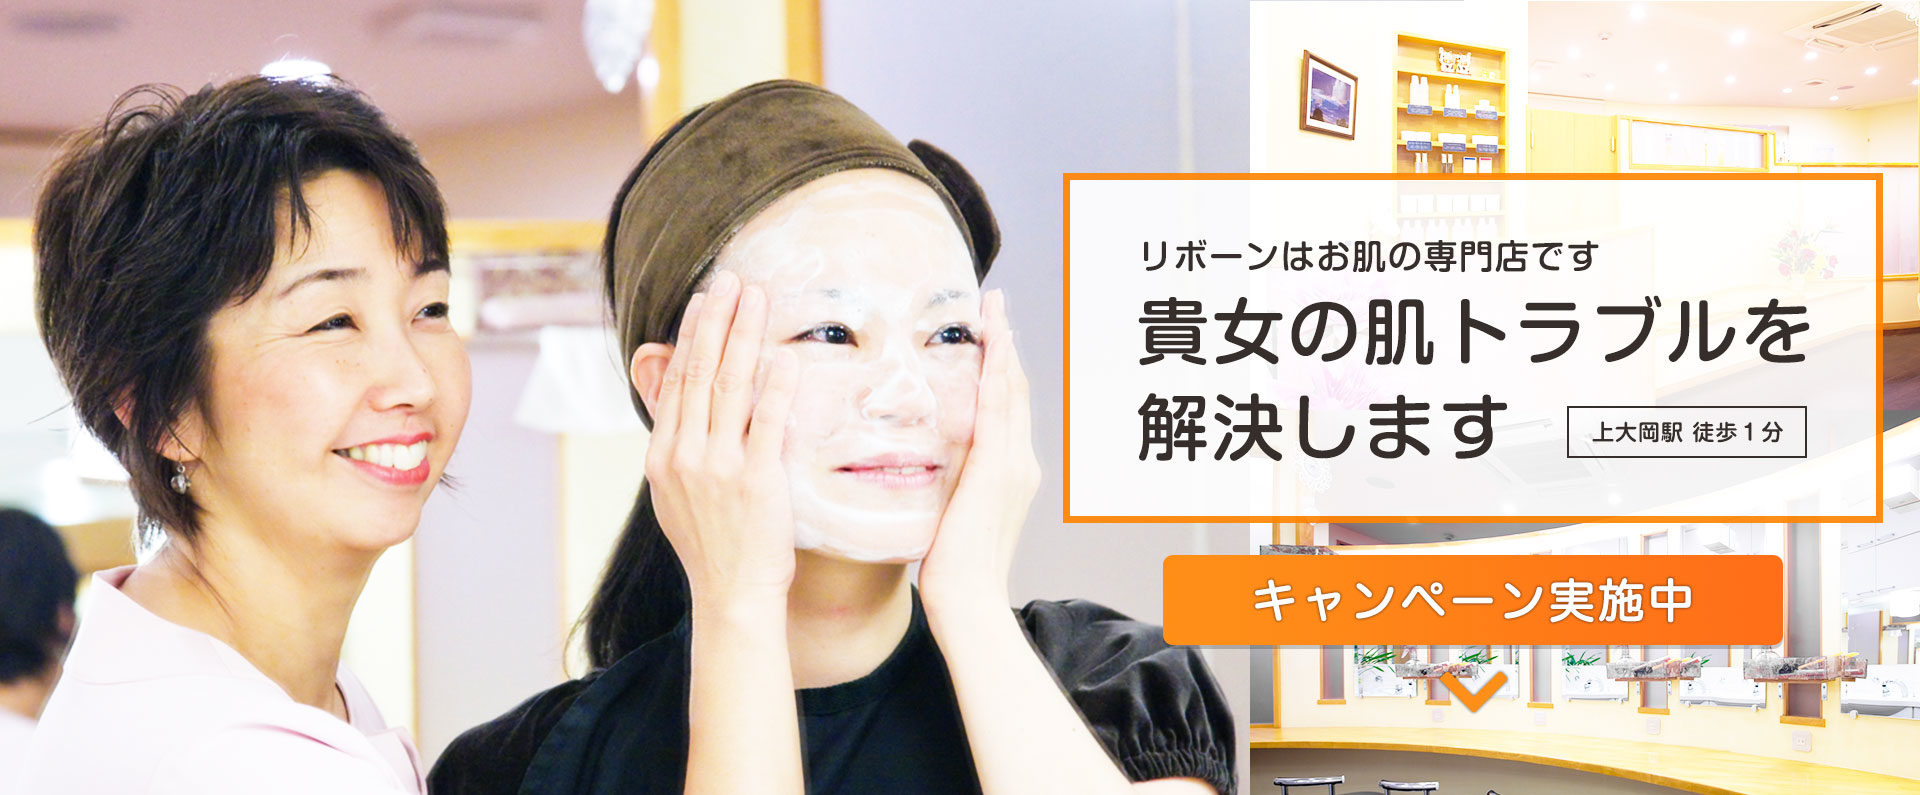 リボーンはお肌の専門店です 貴女の肌トラブルを解決します 上大岡駅 徒歩1分 キャンペーン実施中